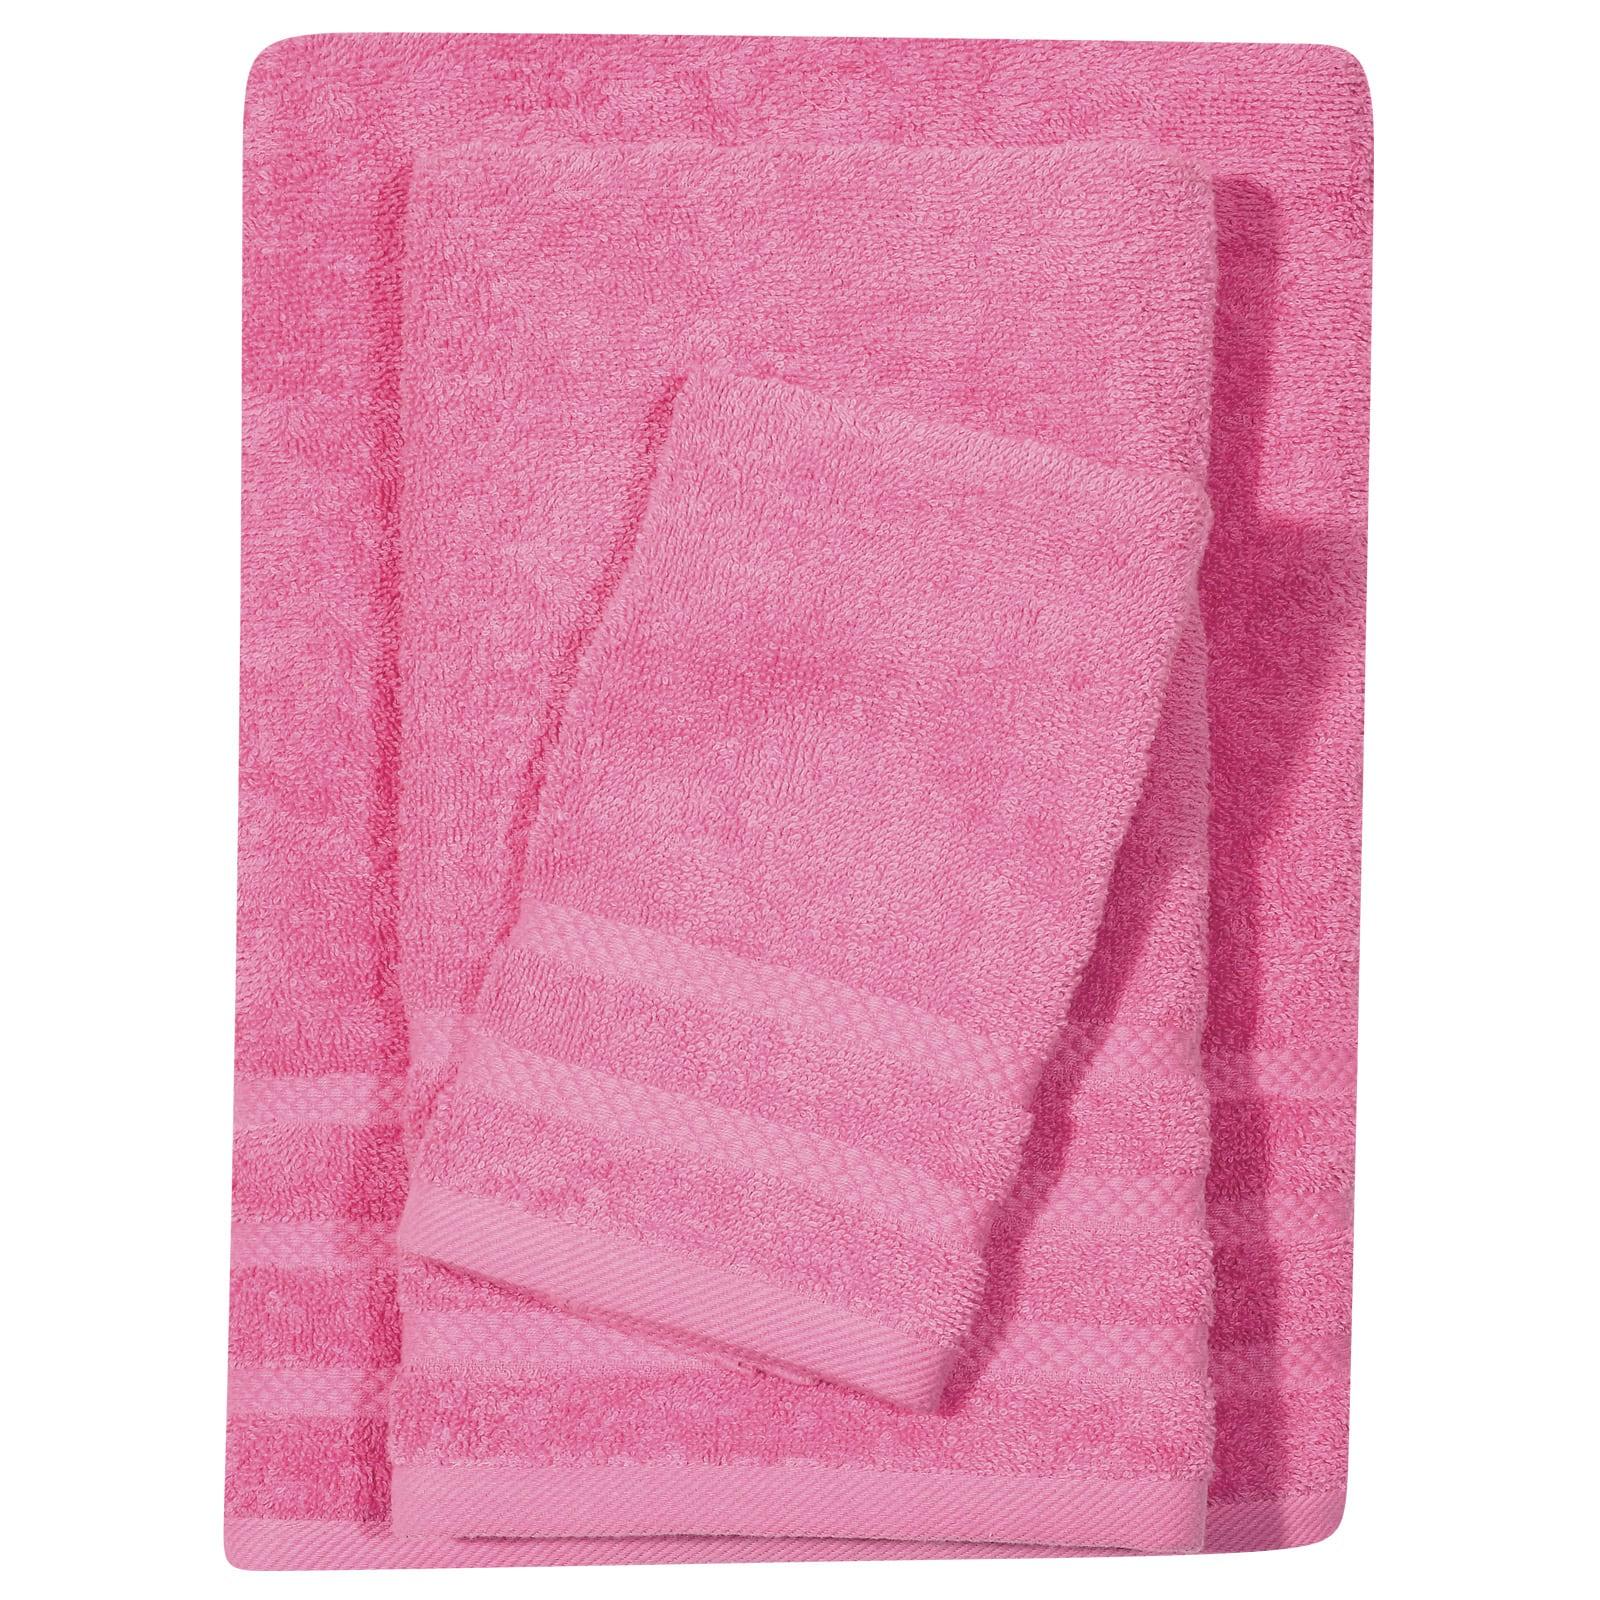 Πετσέτα 1236 Happy Pink Das Home Σώματος 70x140cm